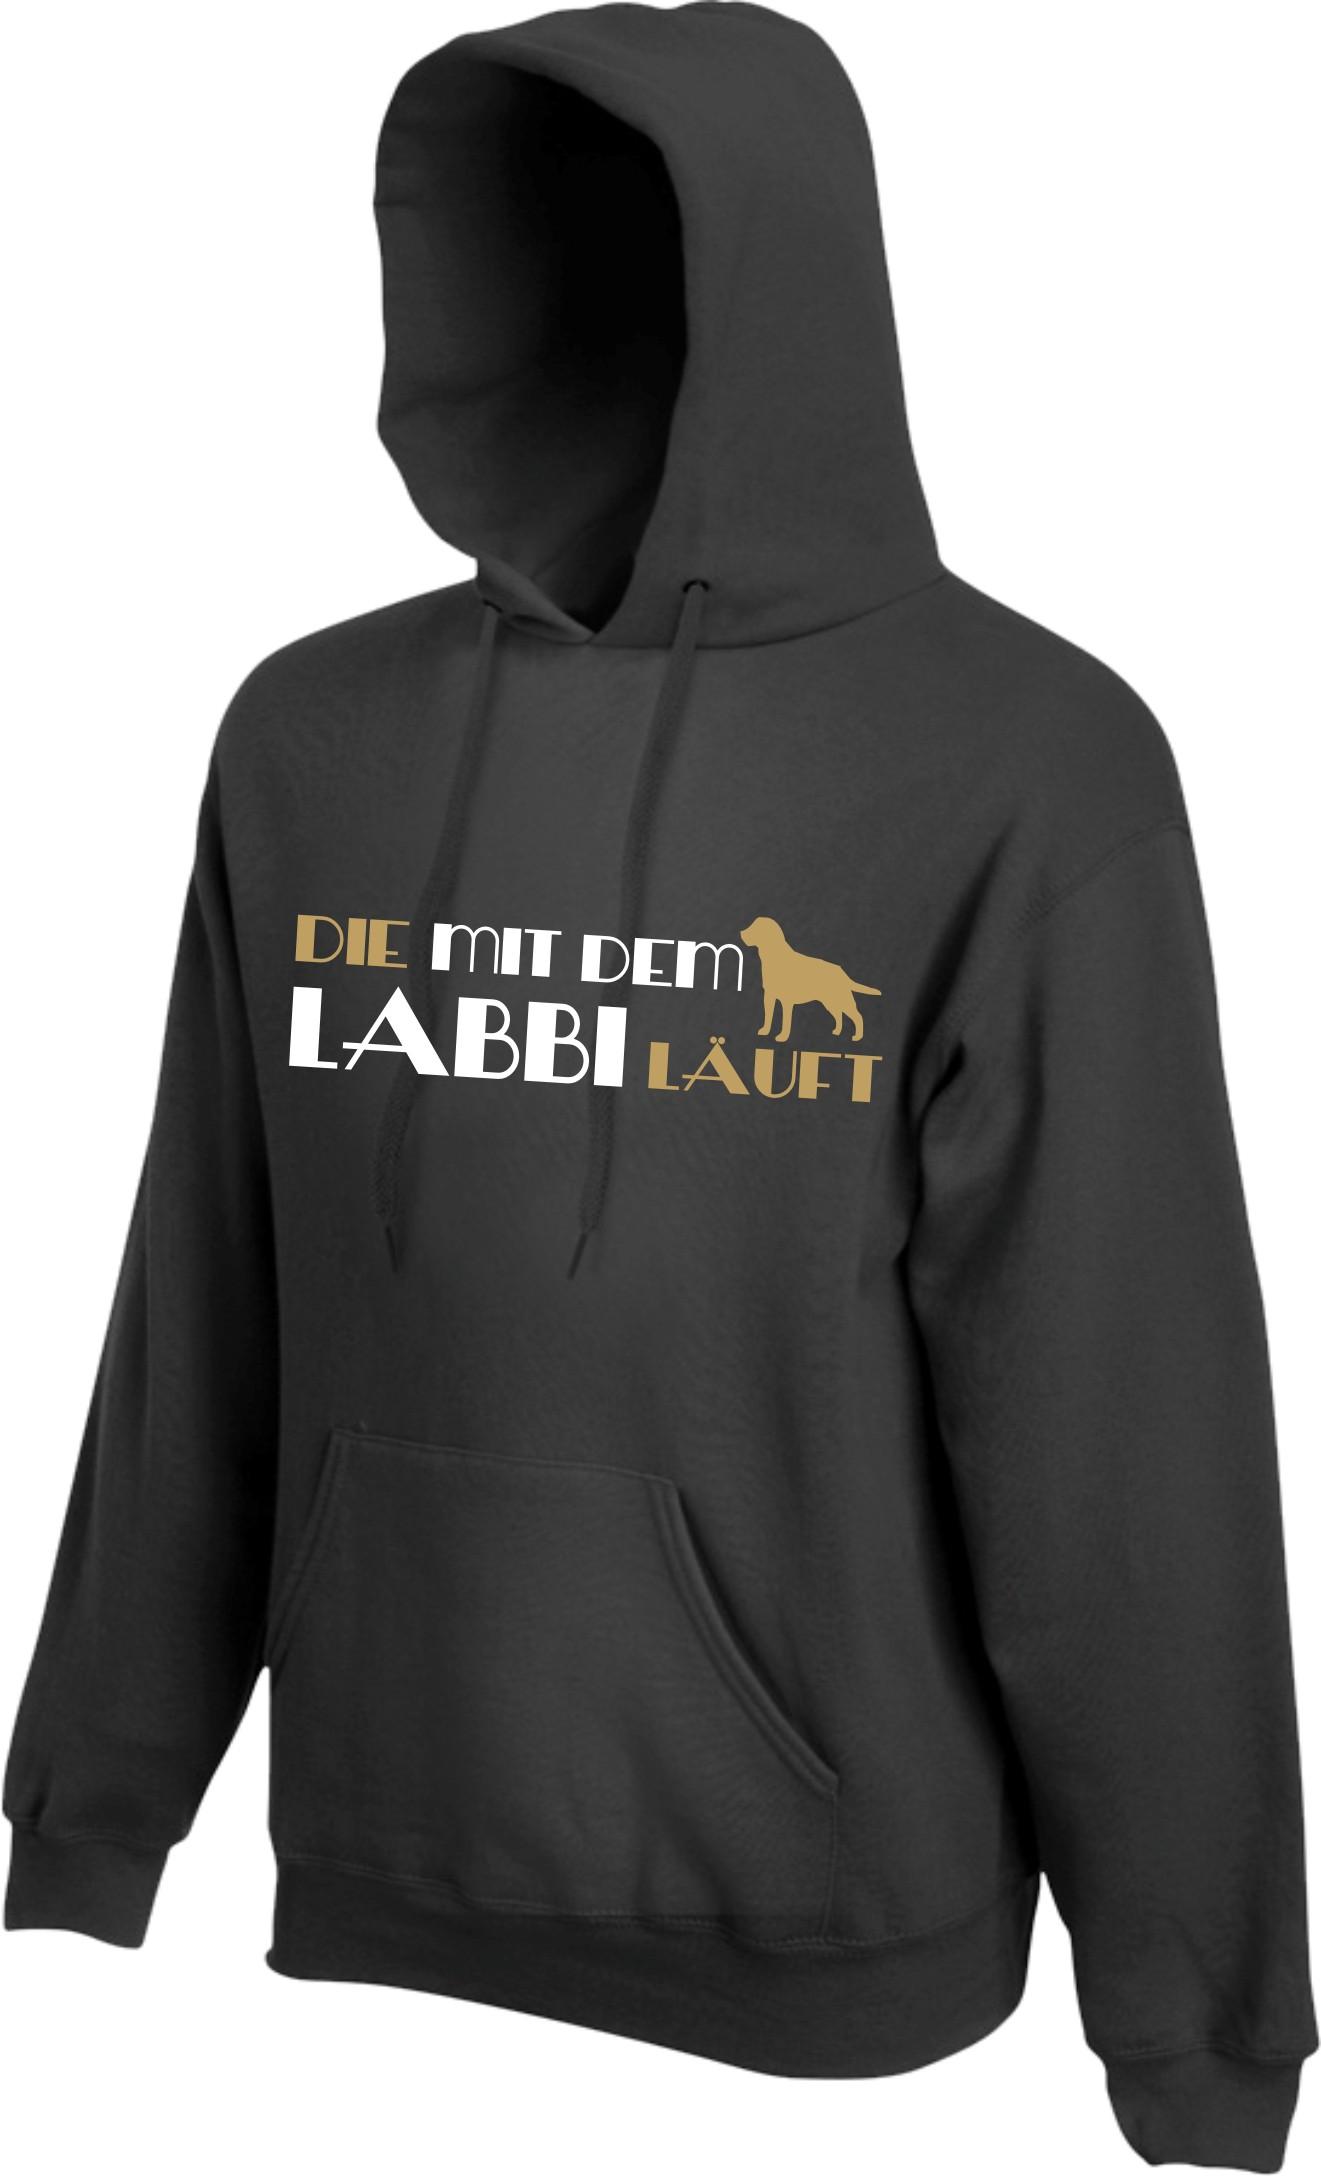 DIE MIT DEM LABBI LÄUFT Hoodie LABRADOR Kapuzensweater Hundehalter Hunde Sweater